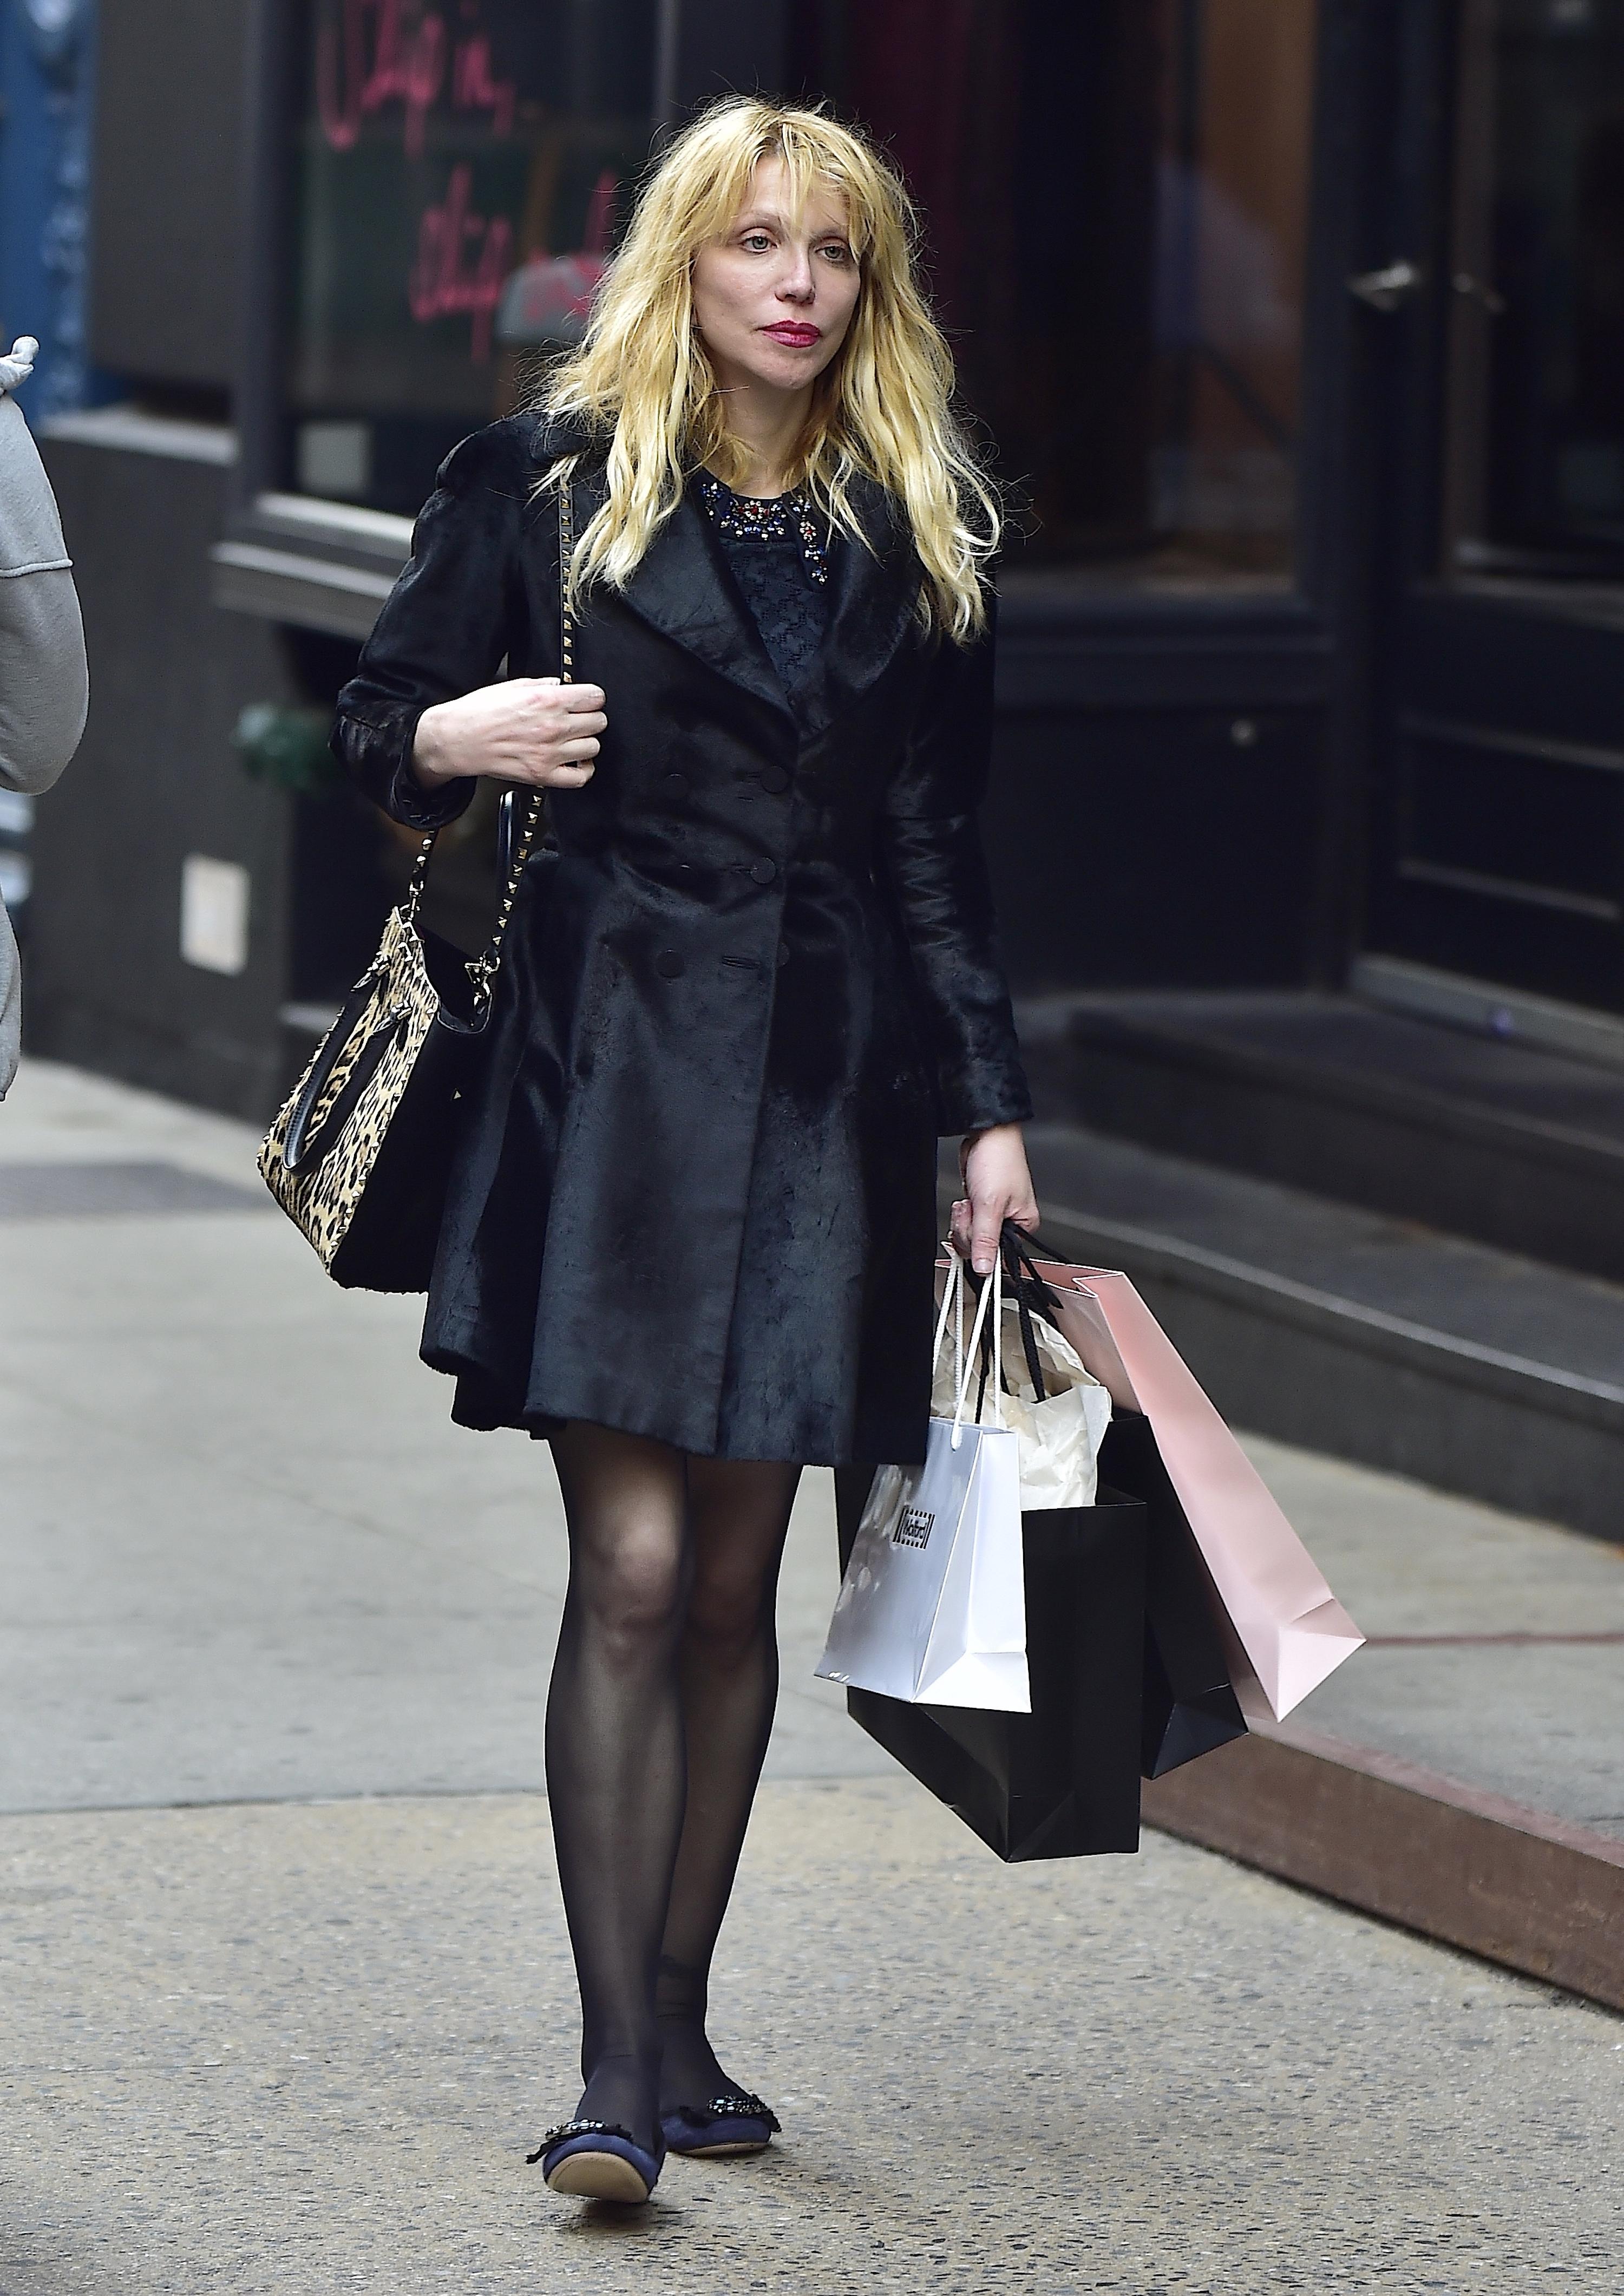 Courtney Love 1